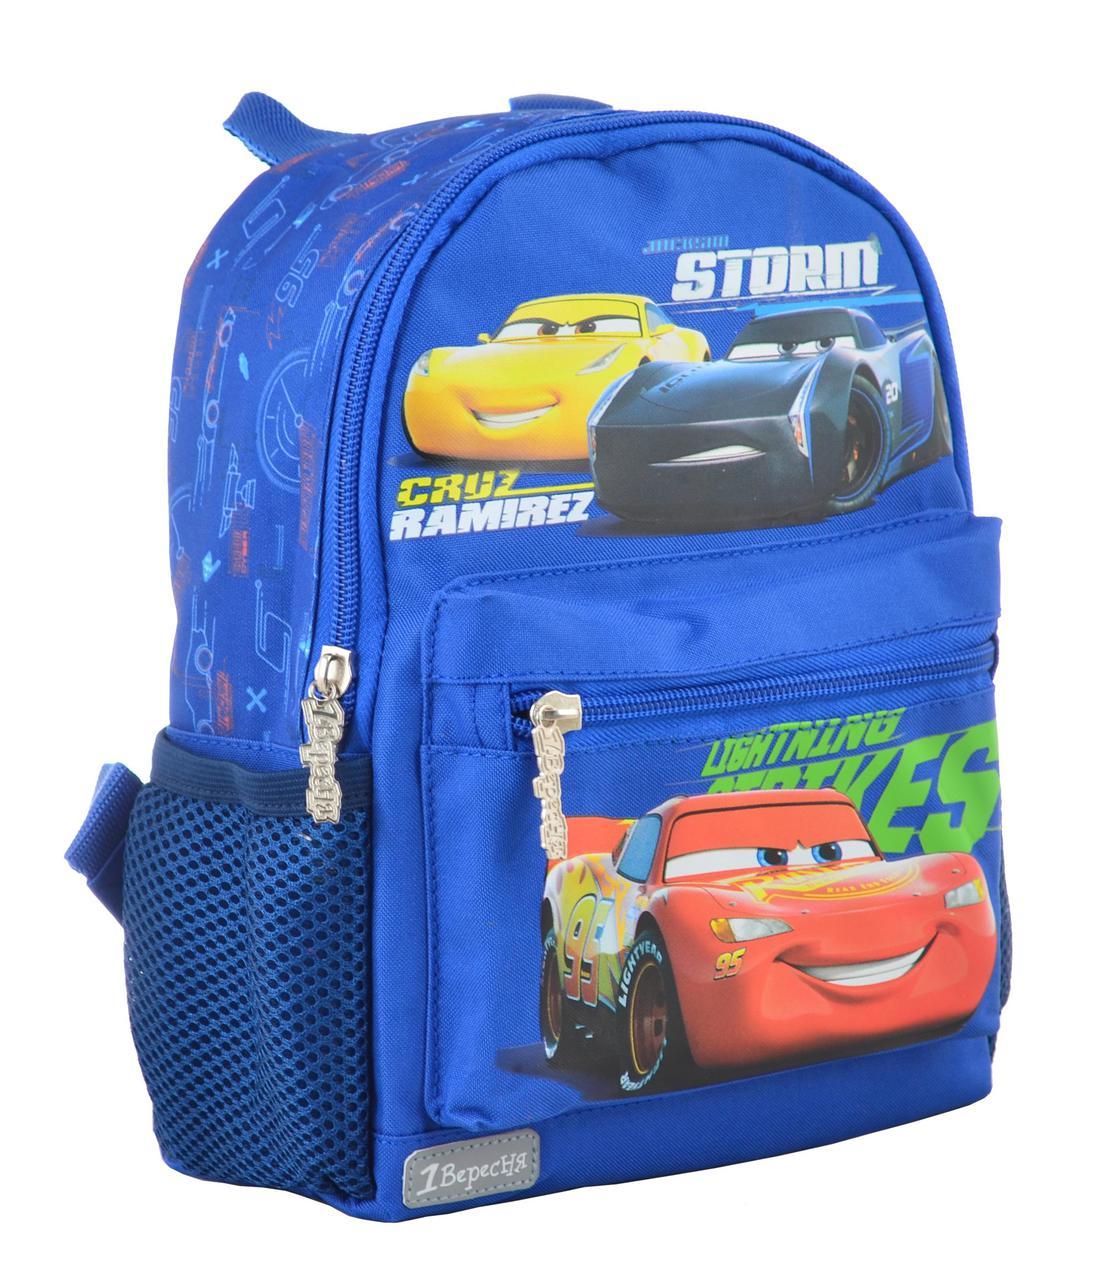 Рюкзак дошкольный Cars 554764  1 Вересня